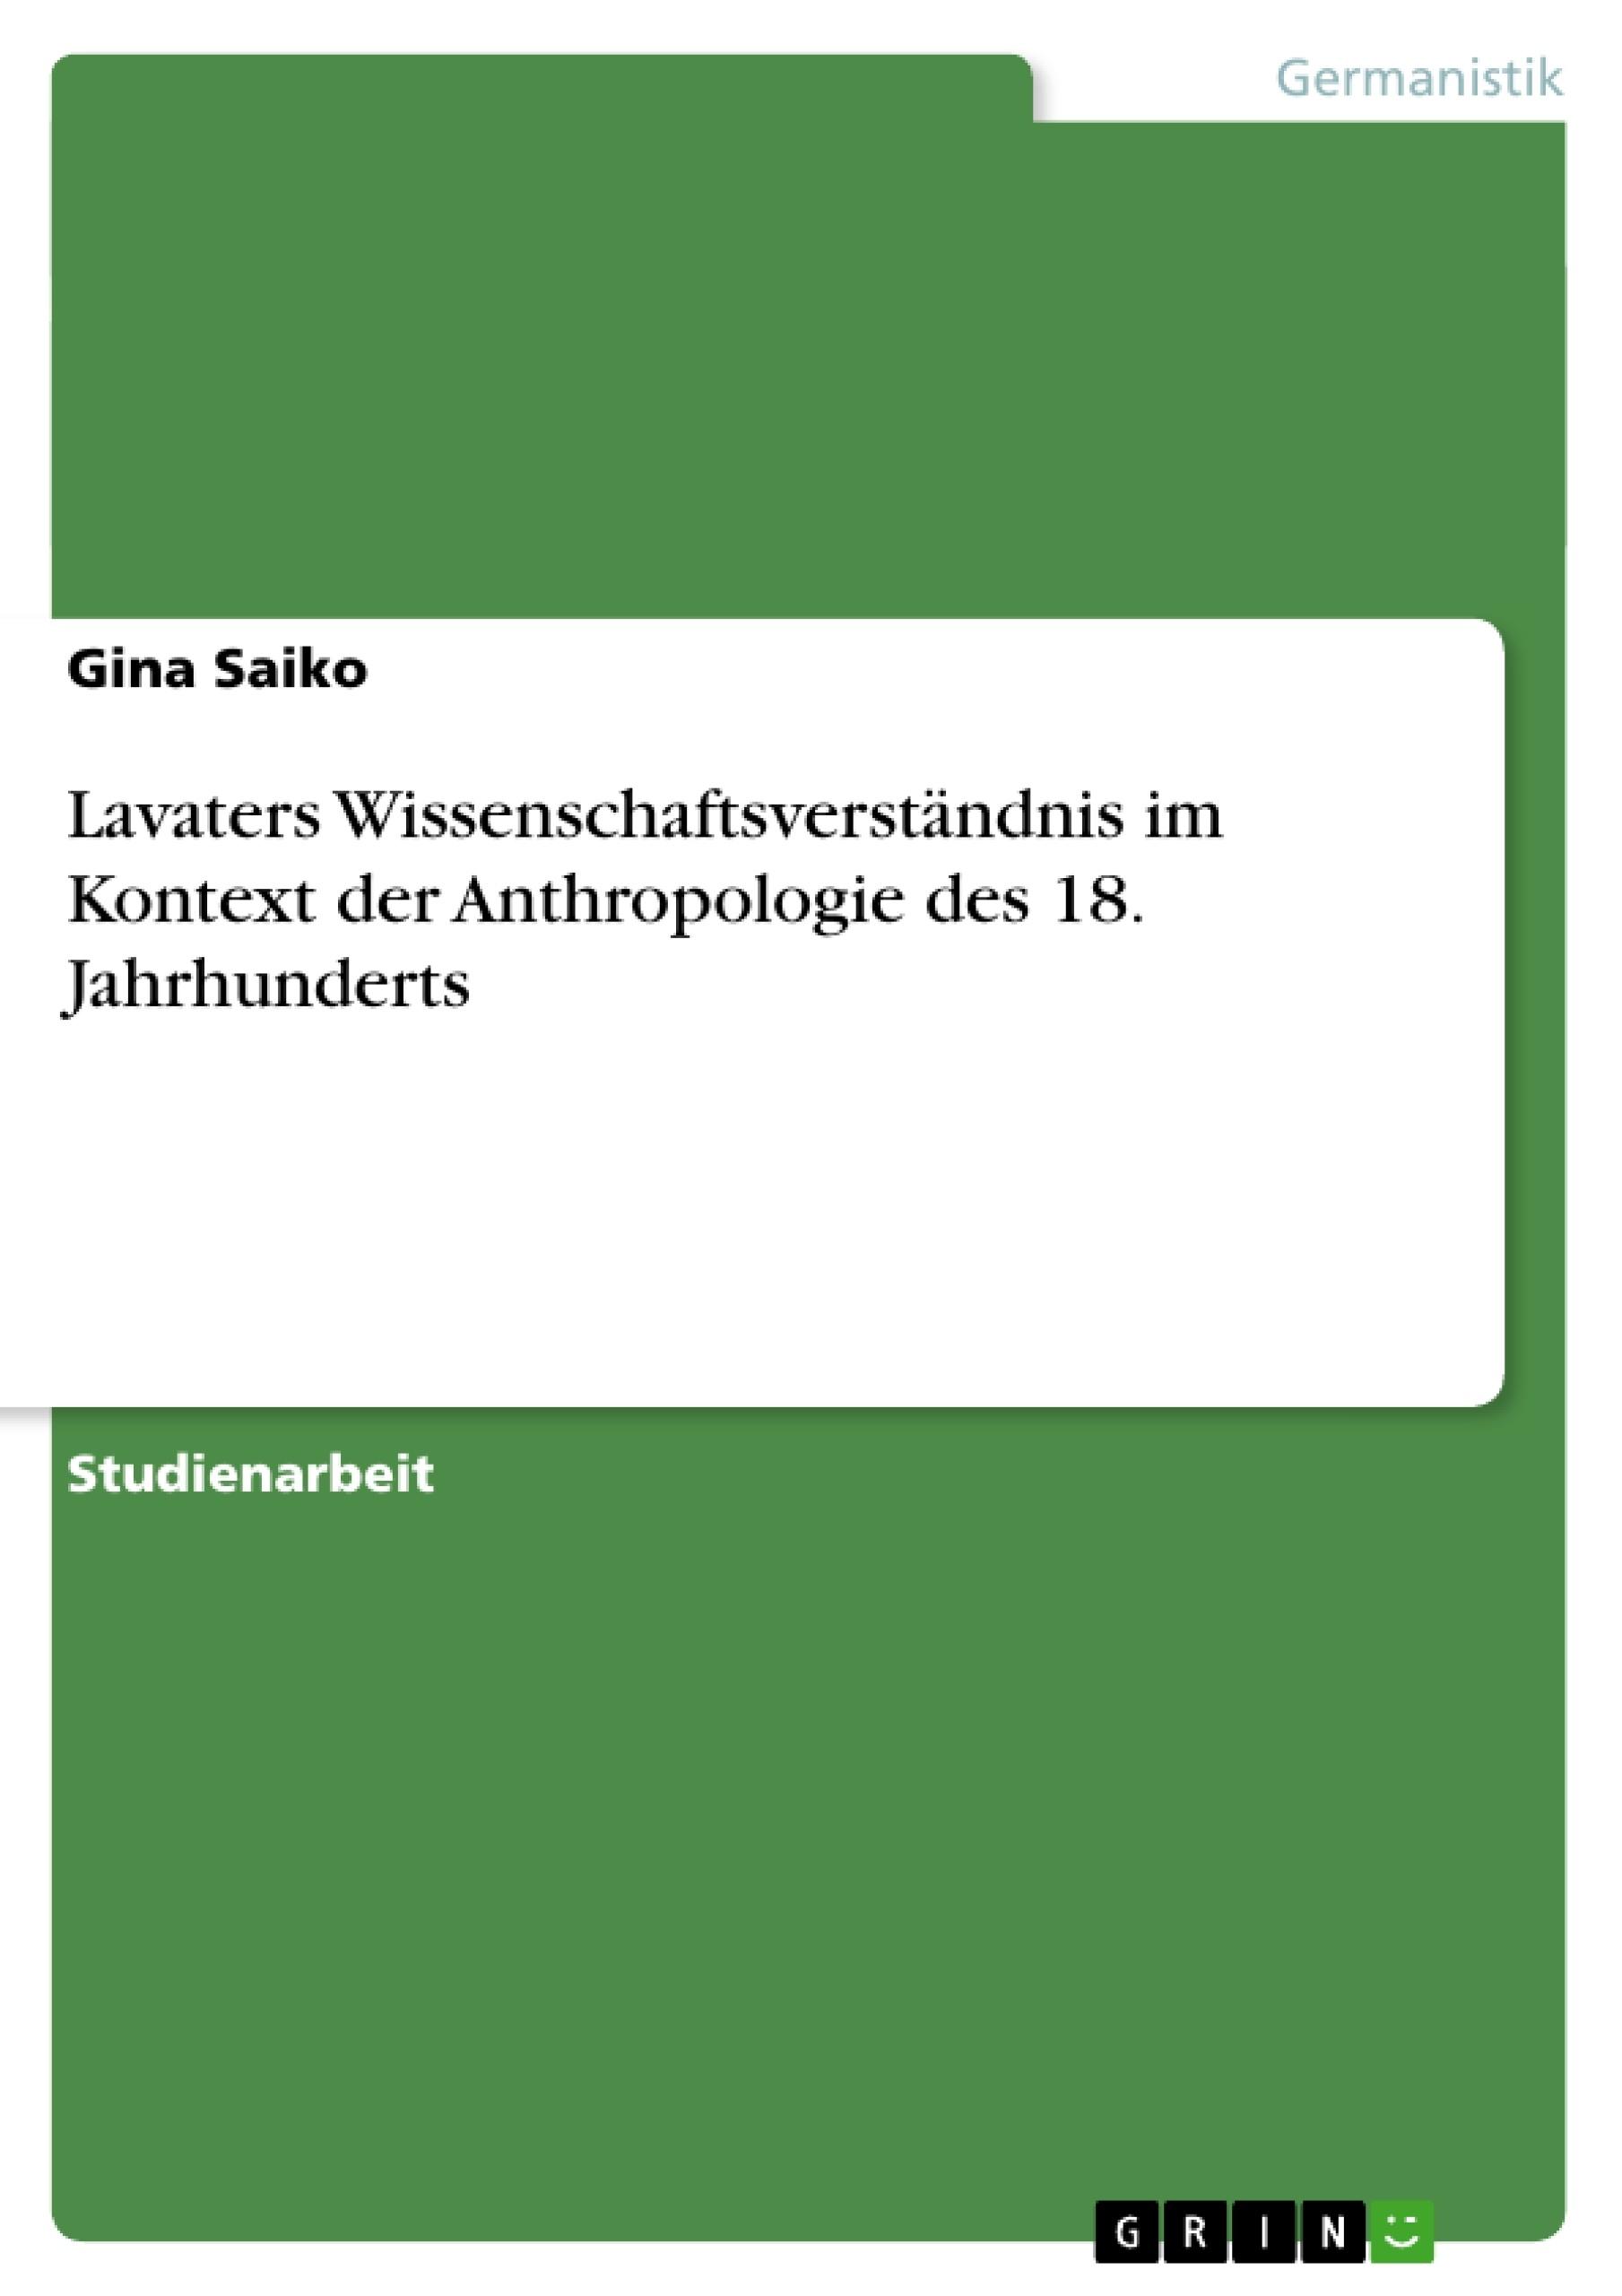 Titel: Lavaters Wissenschaftsverständnis im Kontext der Anthropologie des 18. Jahrhunderts